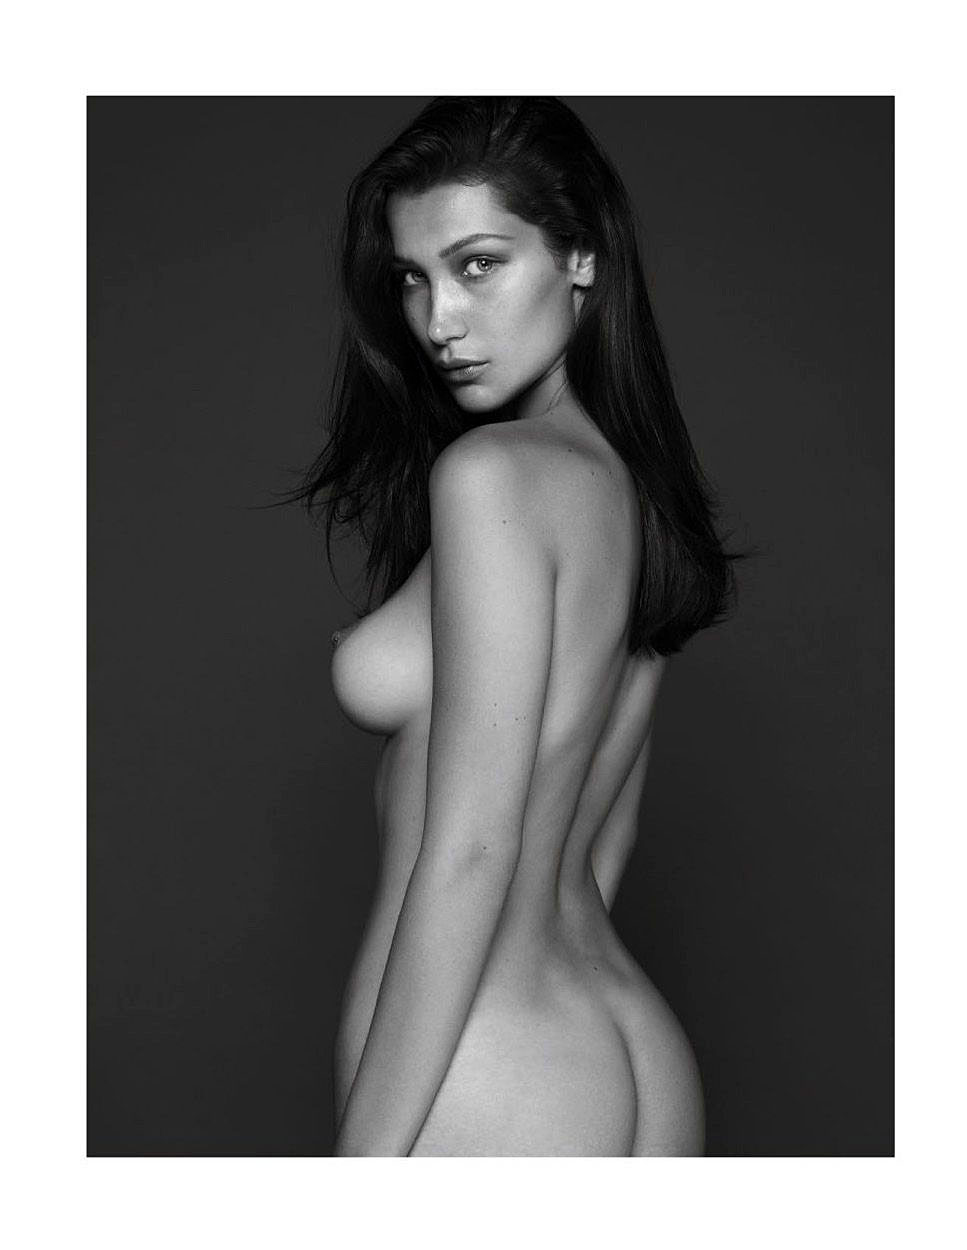 bella hadid fully naked